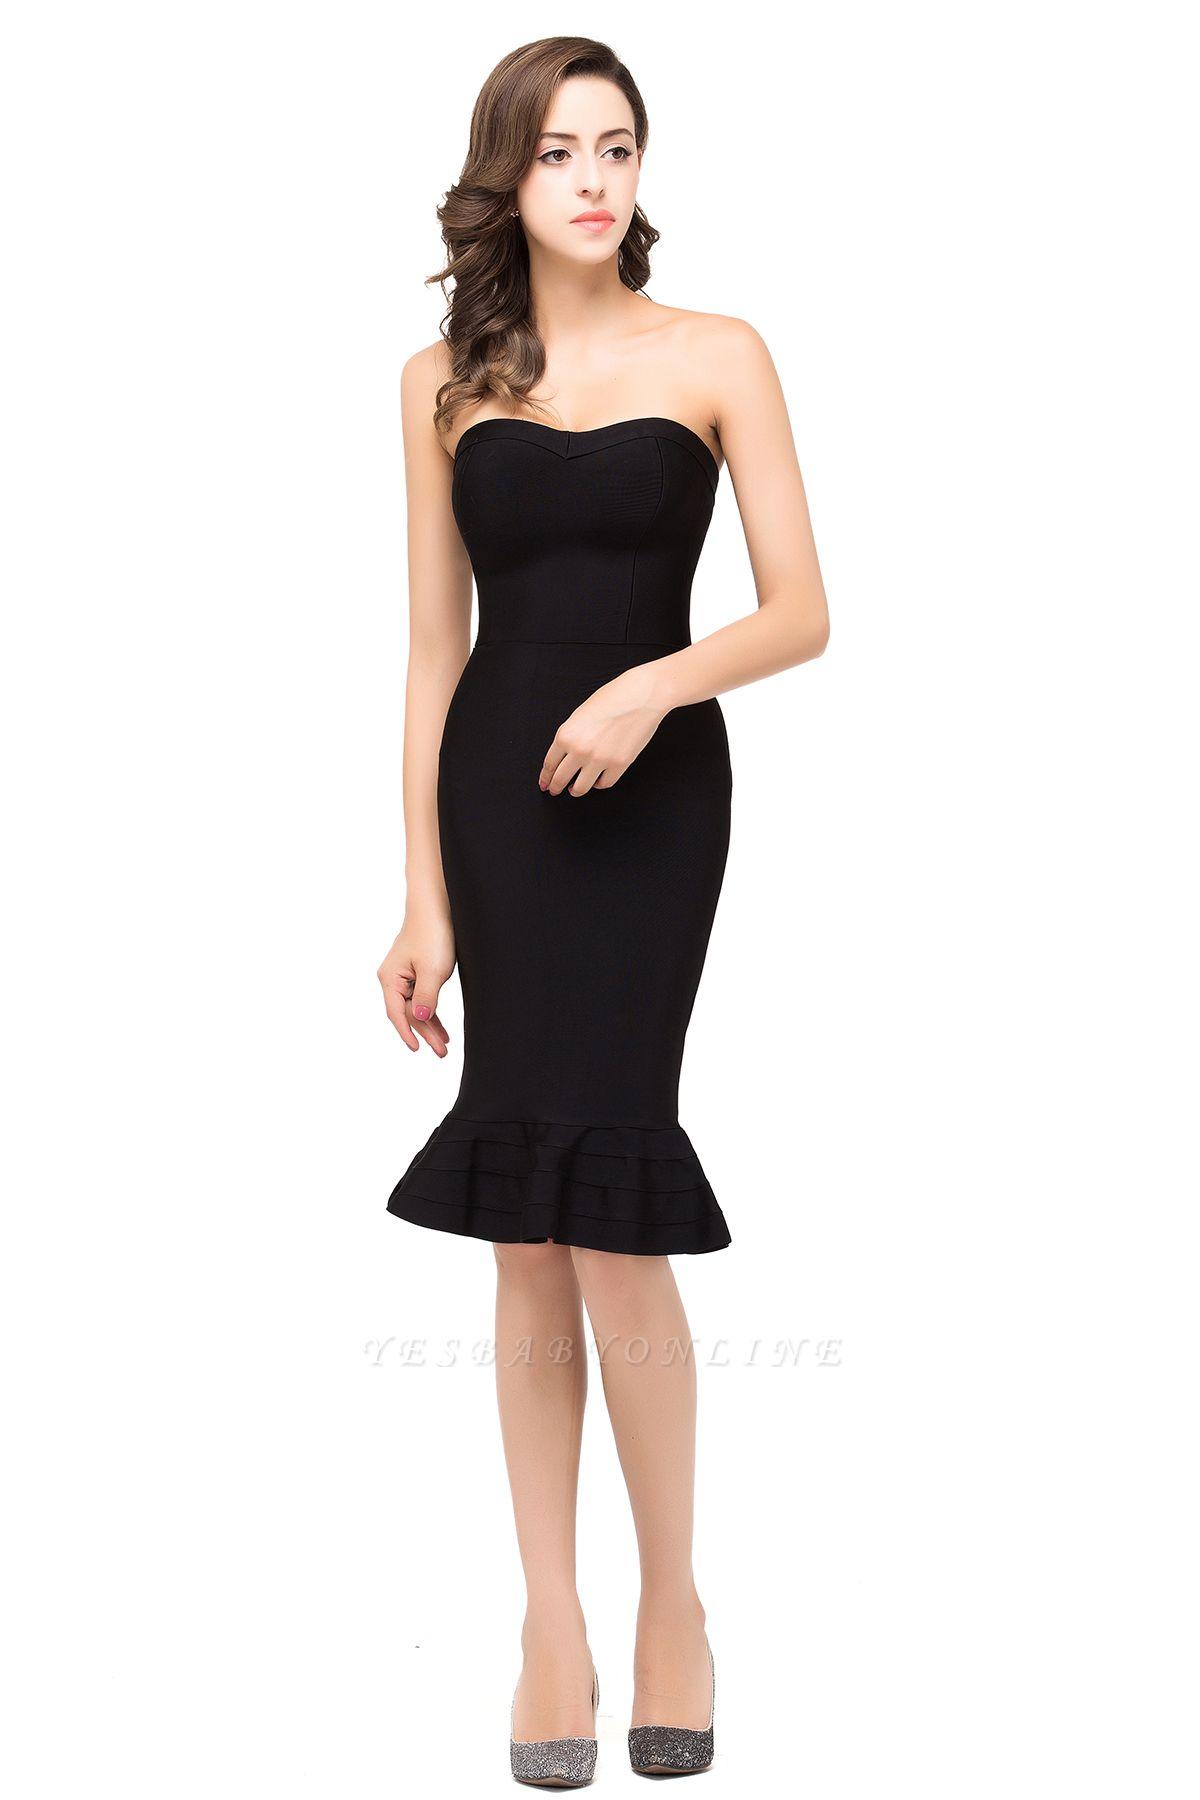 Mermaid Strapless Knee-Length Short Black Prom Dresses